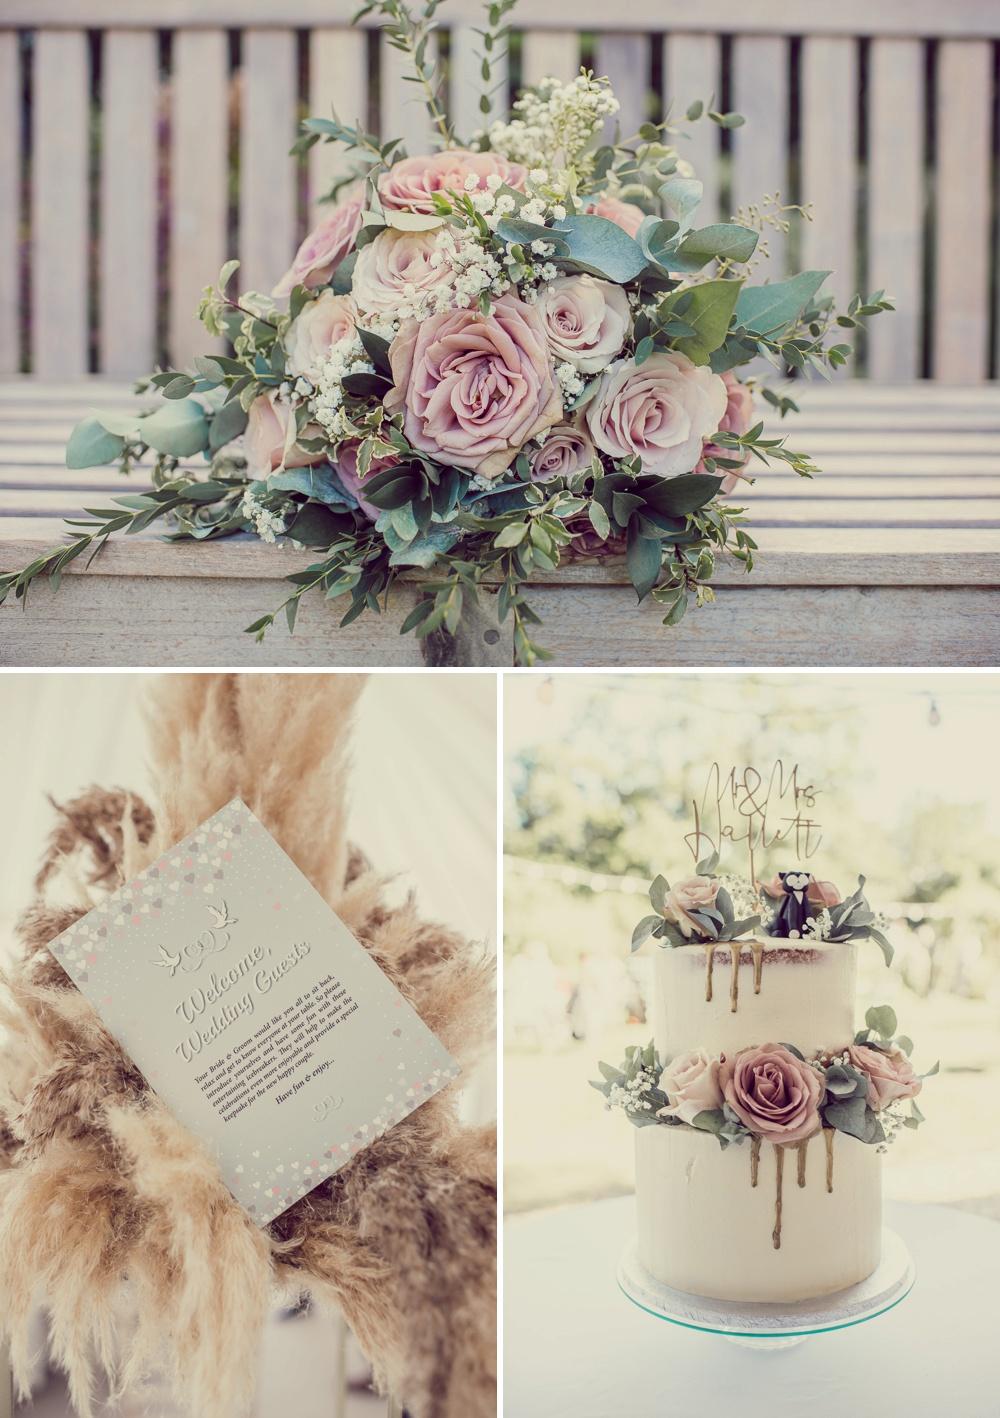 Deans Court Wedding cake